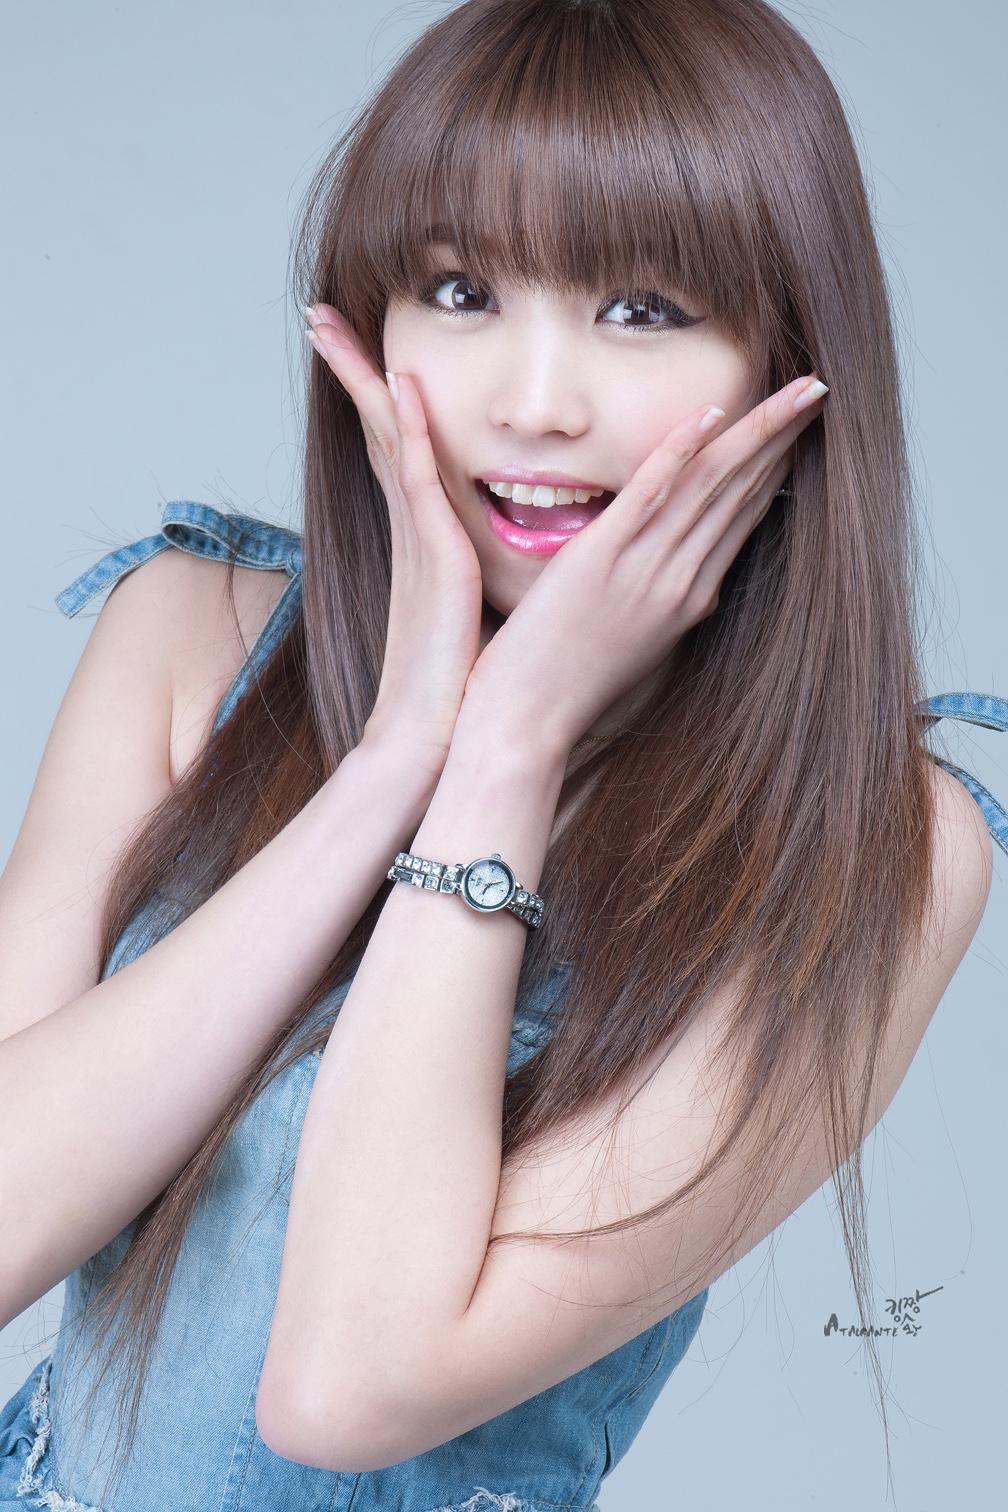 [Lee Eun Hye] 2010.12.27